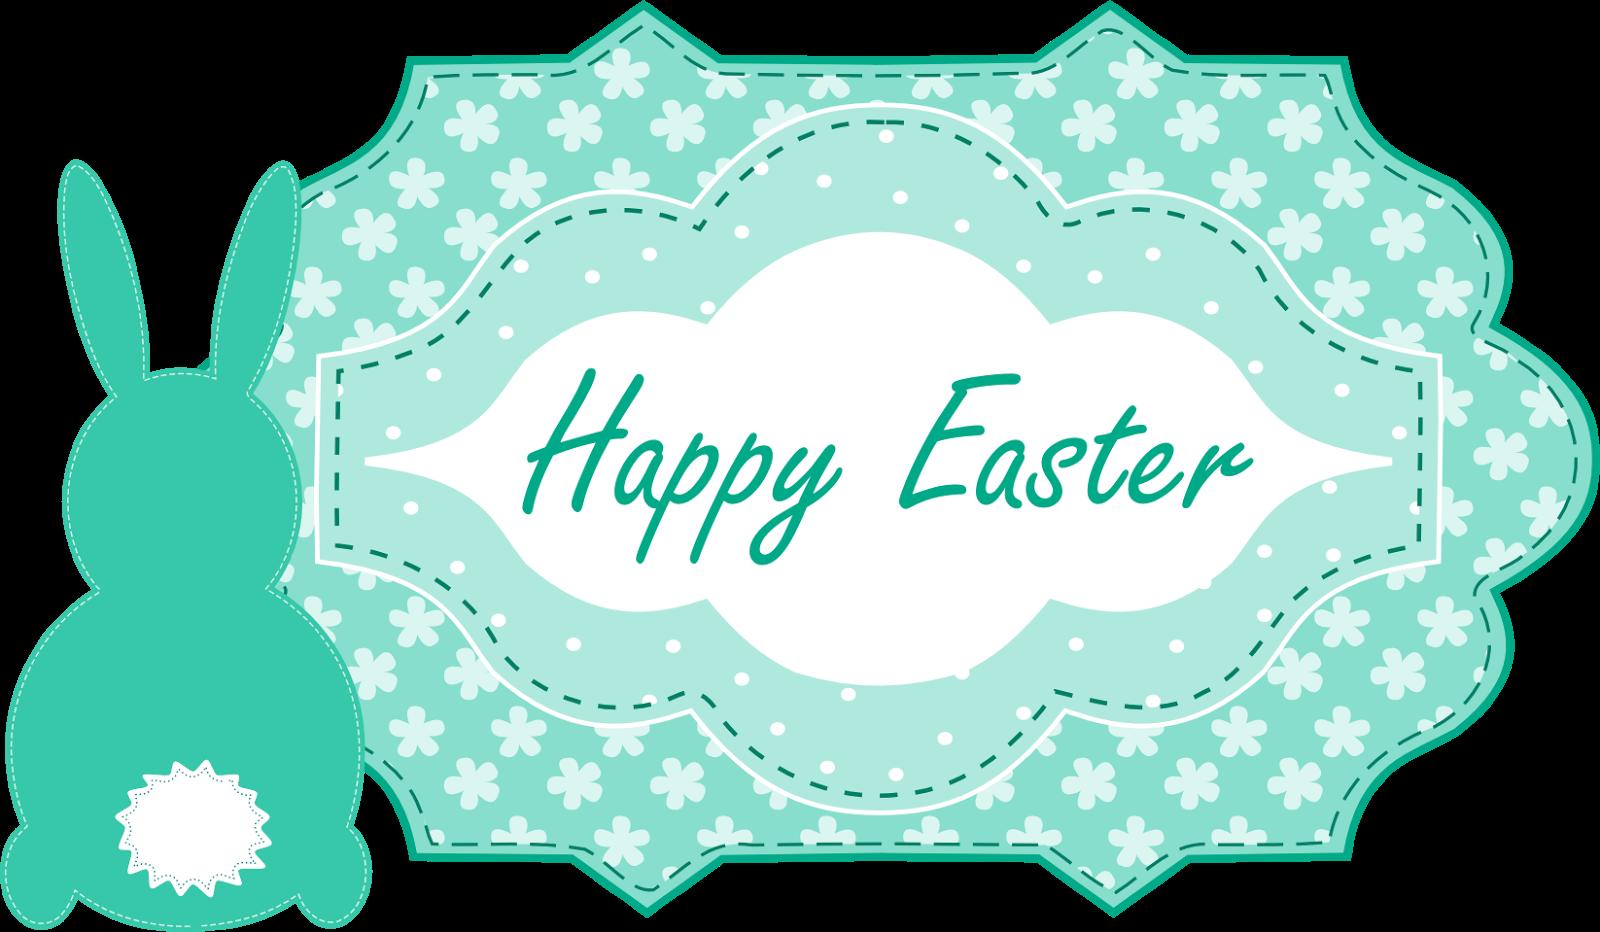 http://2.bp.blogspot.com/-EePMZYJejmg/UzLzAyf2_5I/AAAAAAAAEaE/FKjQWYCOu6o/s1600/happy+easter+bunny.png